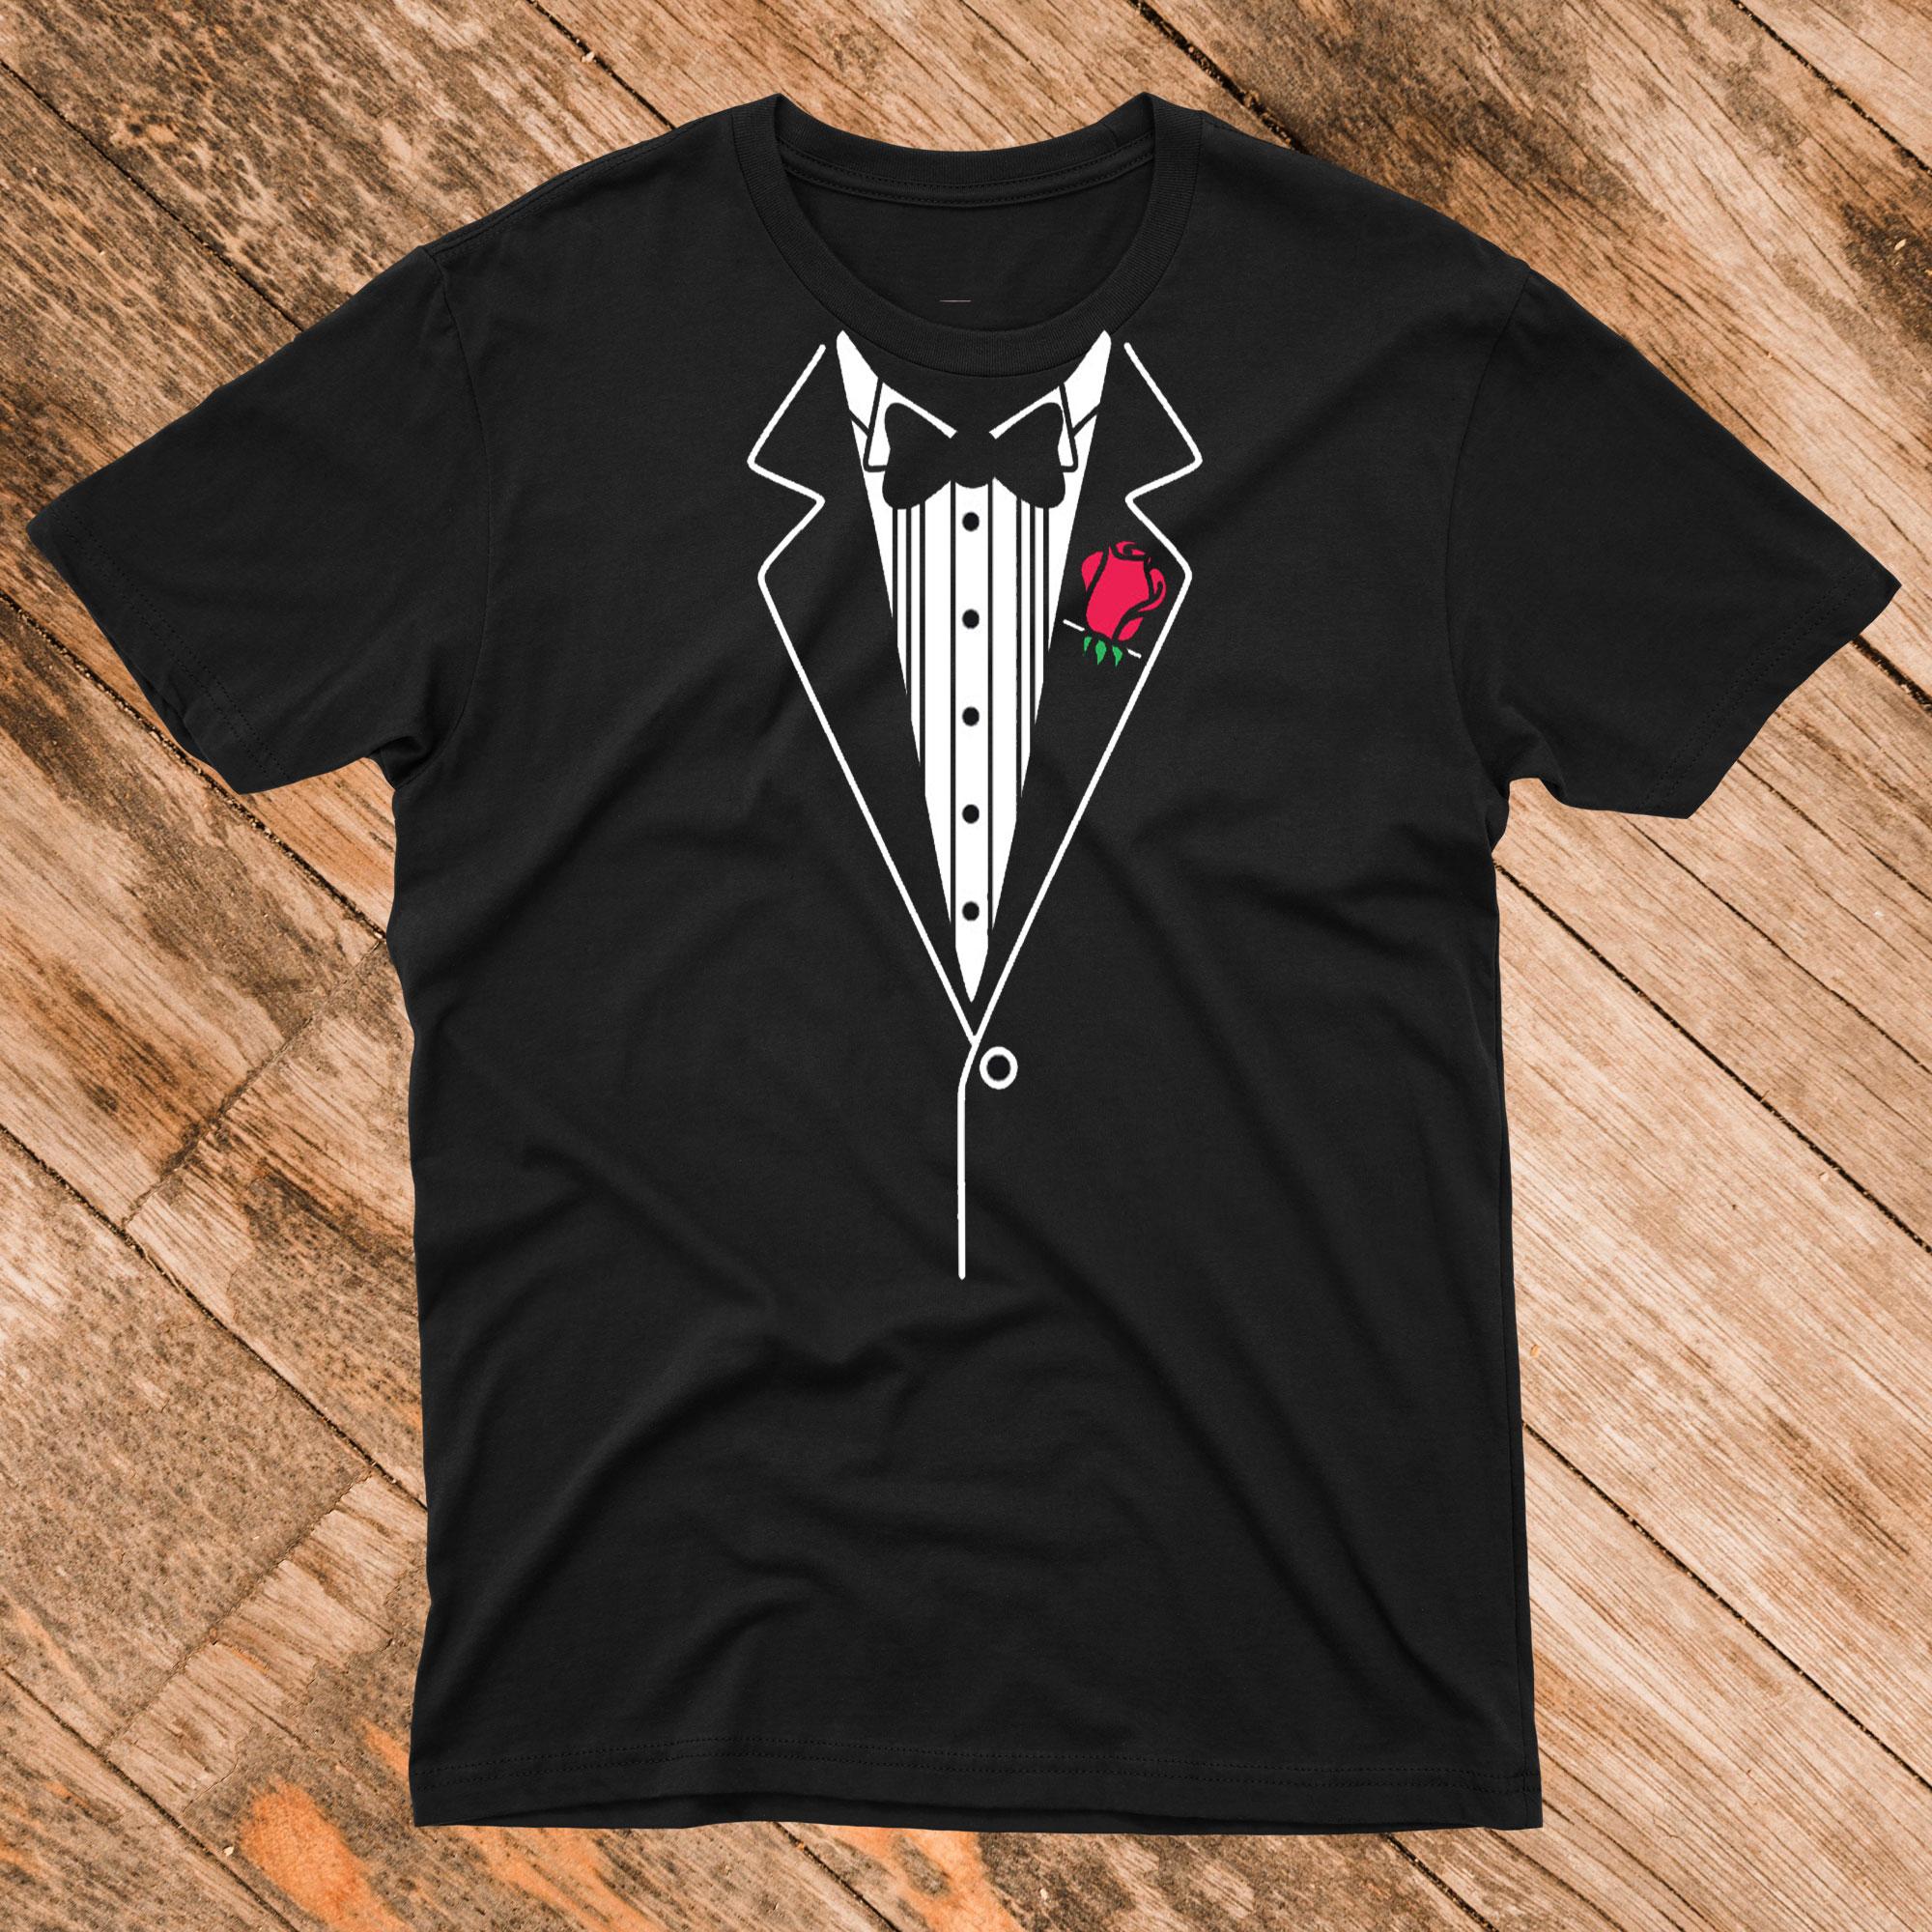 tuxedo t shirt